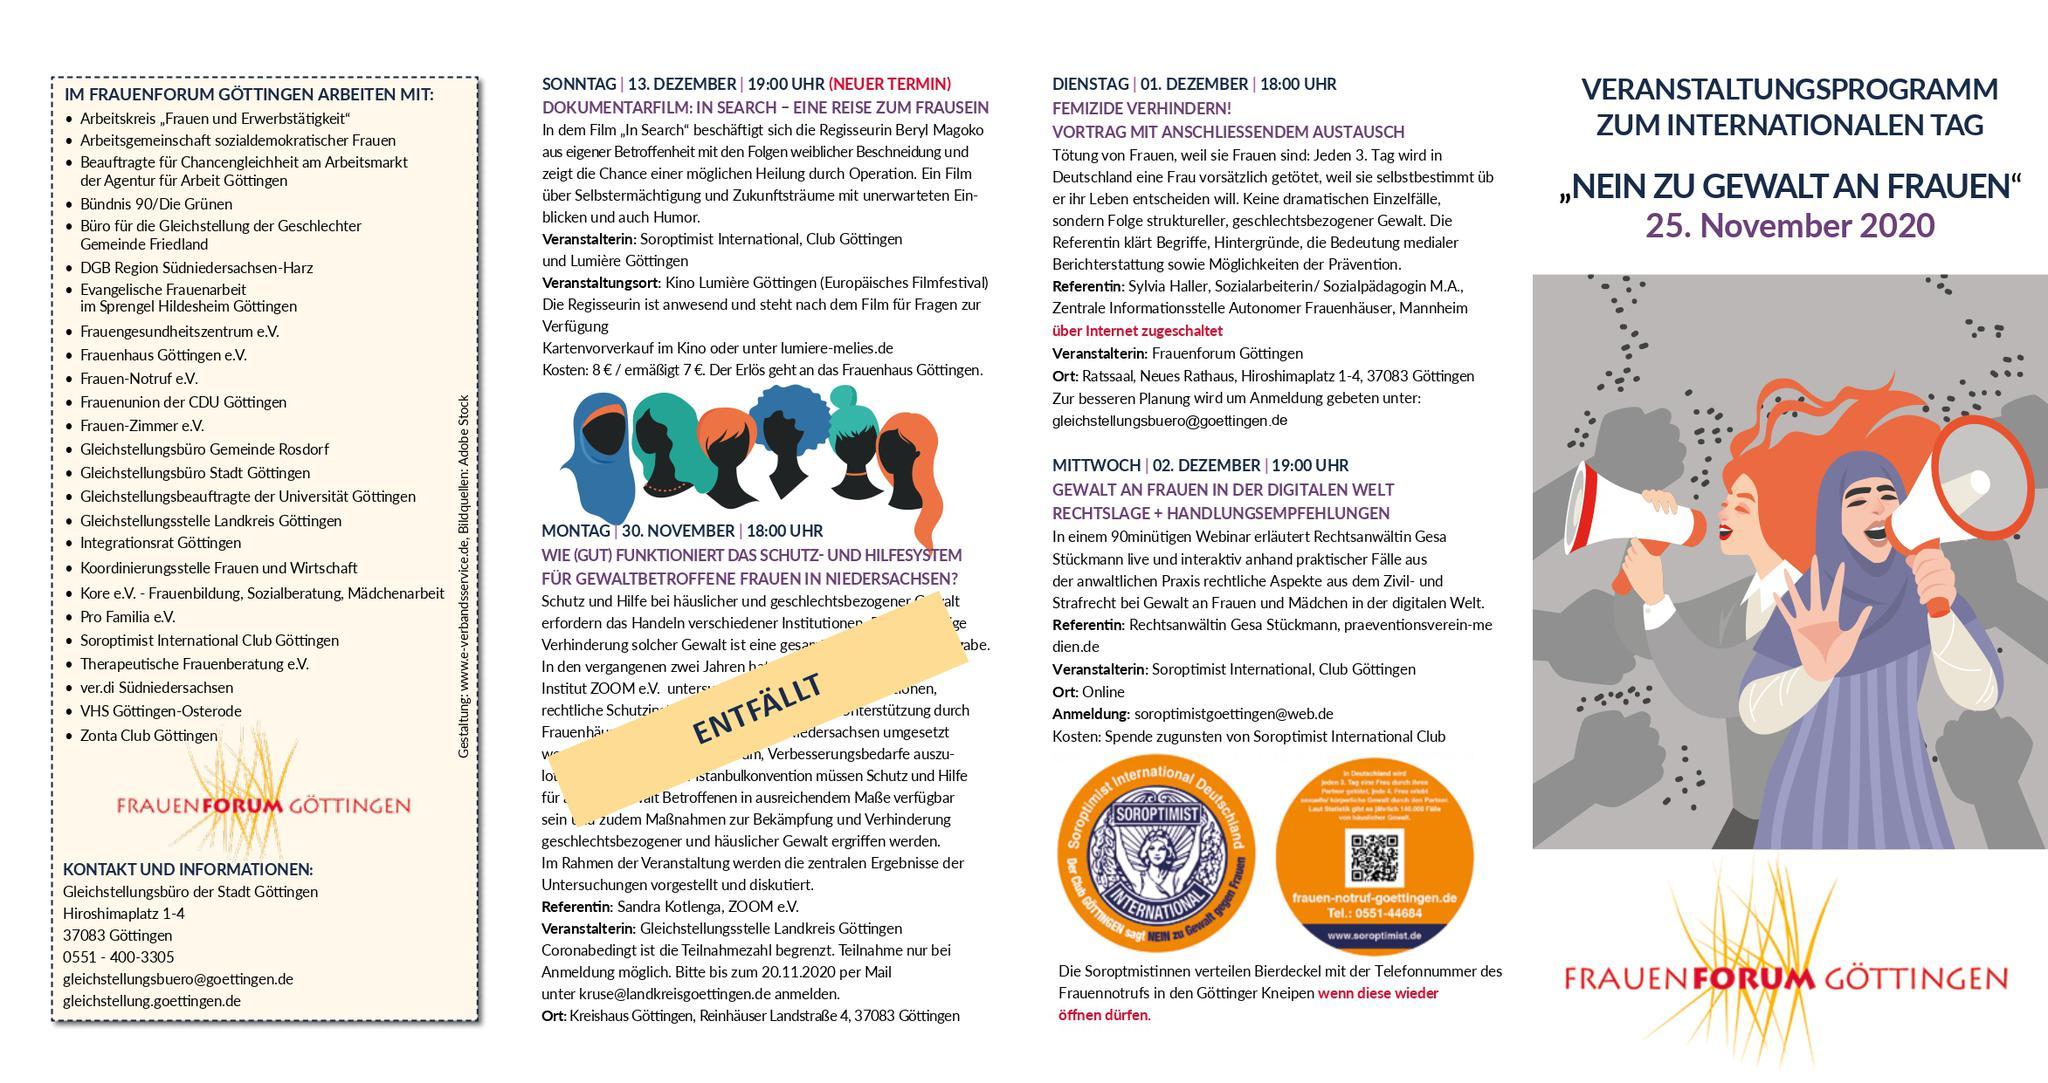 Programm-Flyer, Seite 1